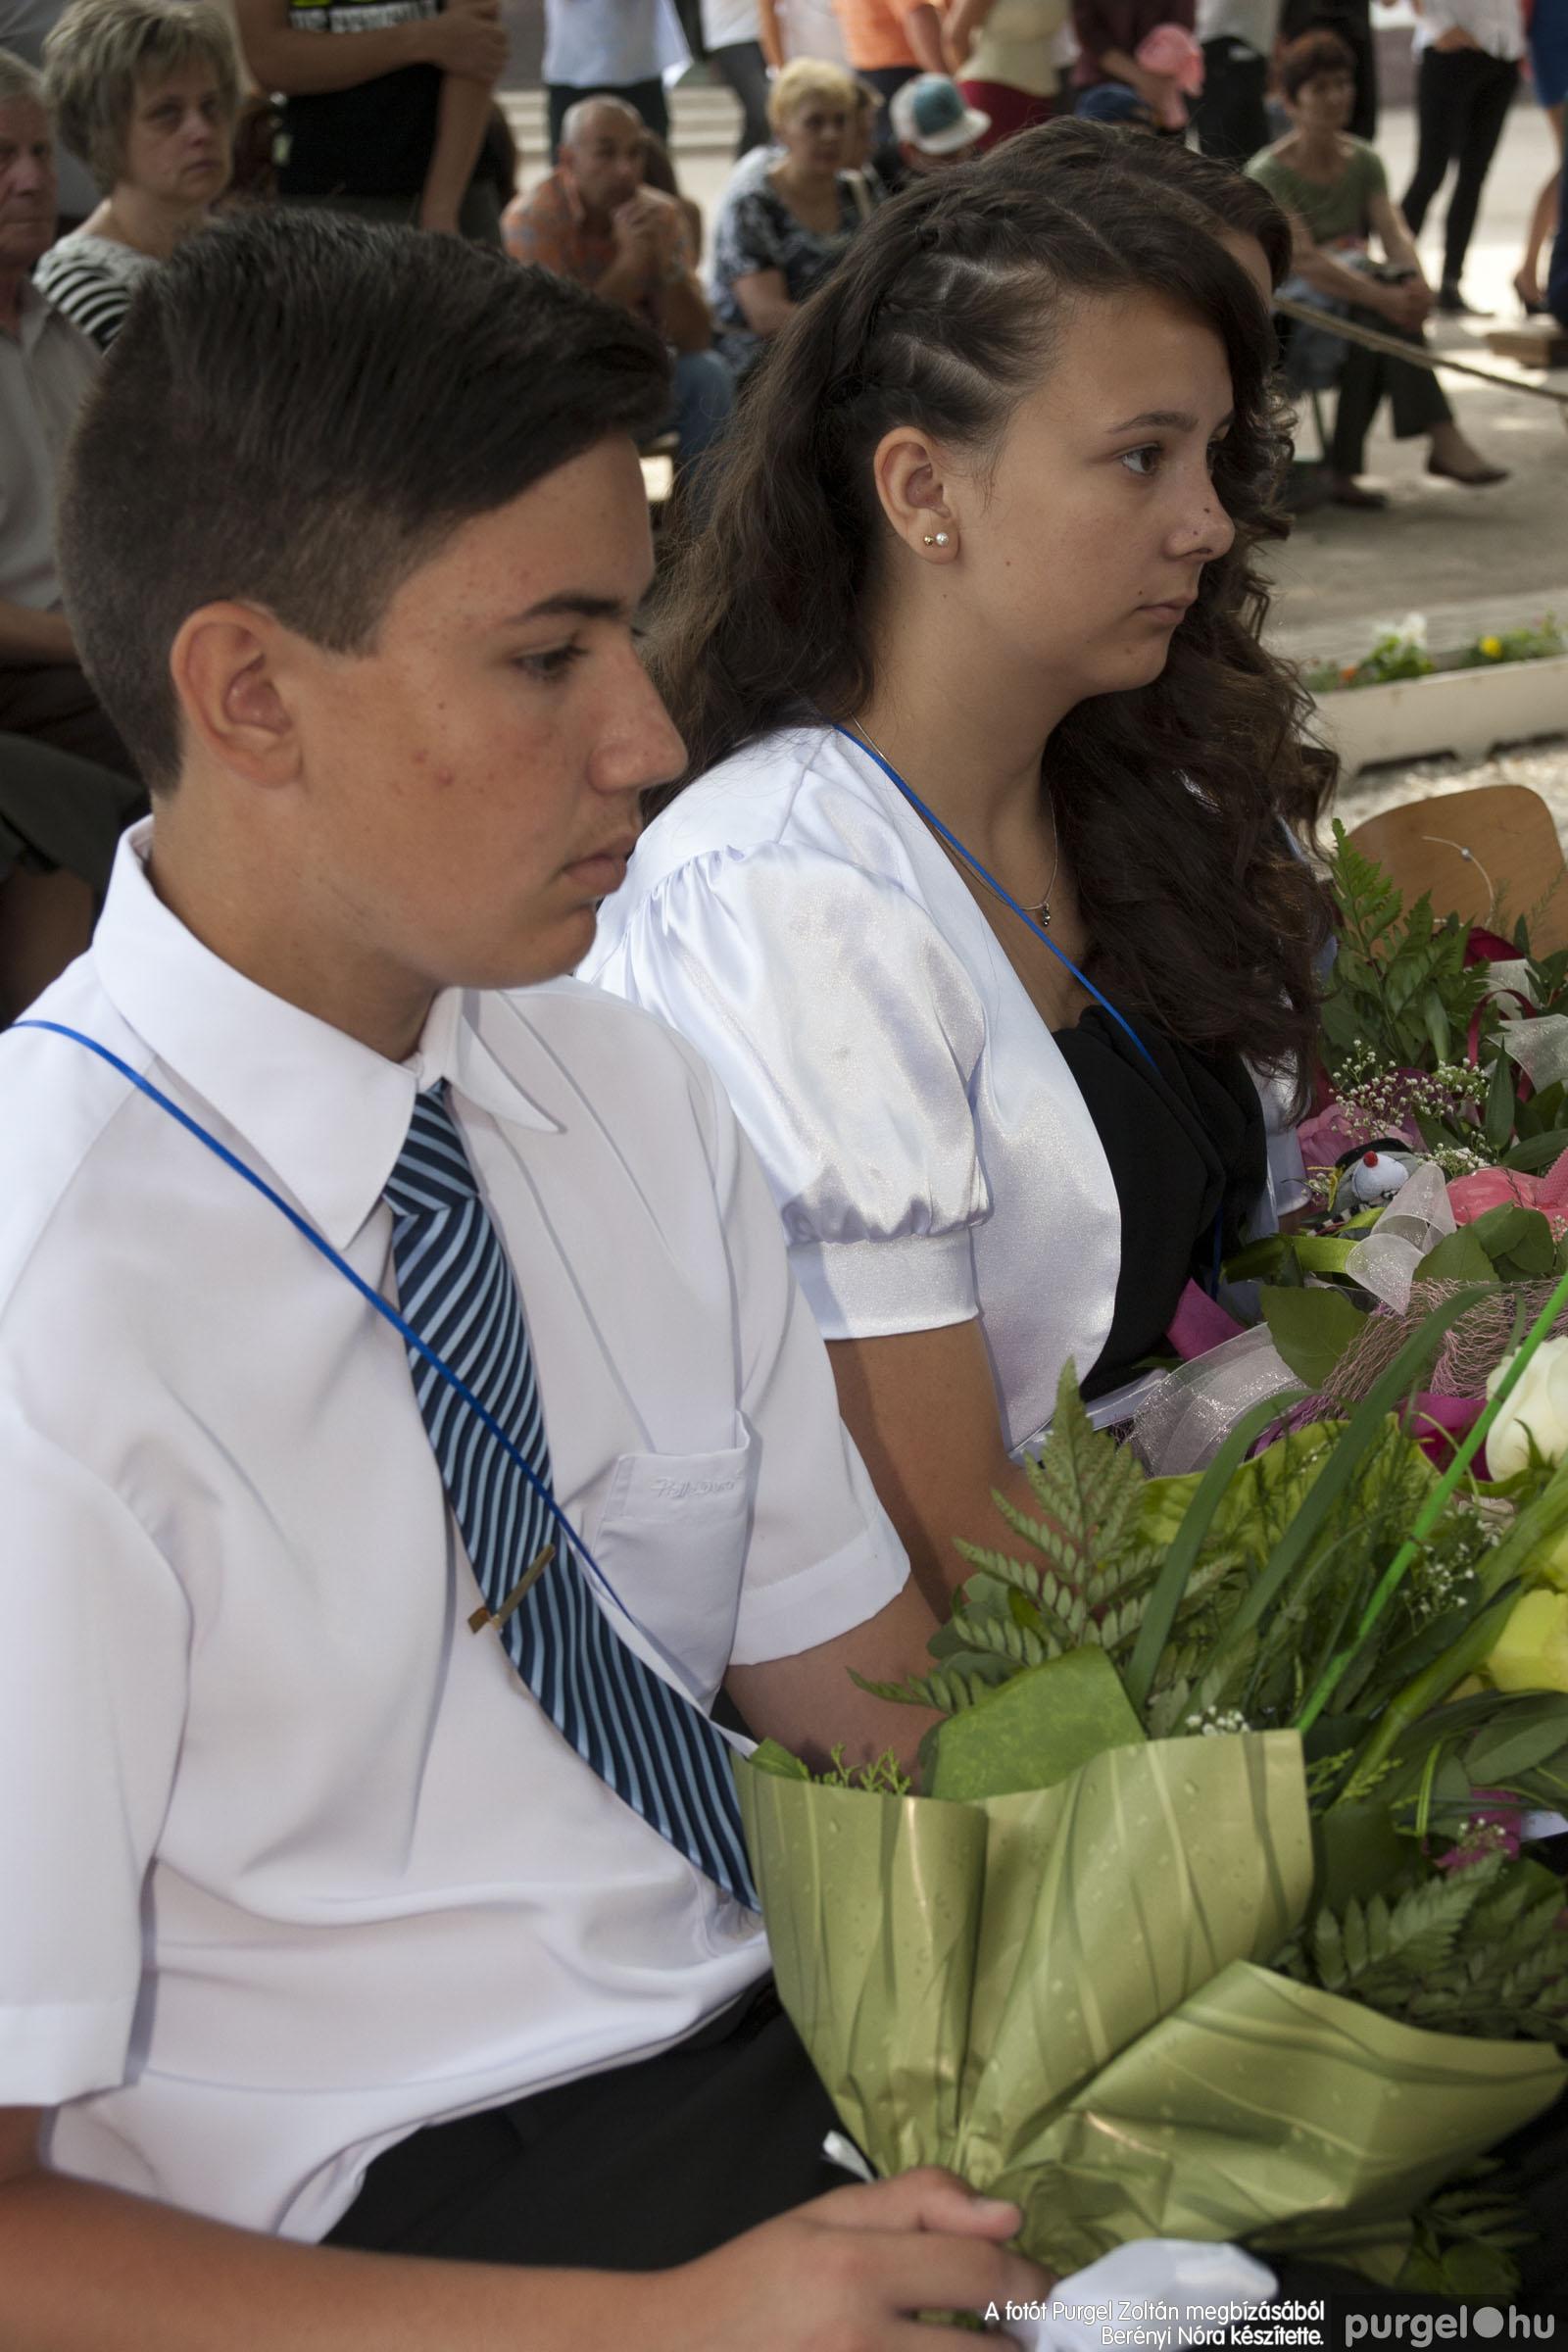 2014.06.14. 171 Forray Máté Általános Iskola ballagás 2014. - Fotó:BERÉNYI NÓRA© _MG_5788.jpg